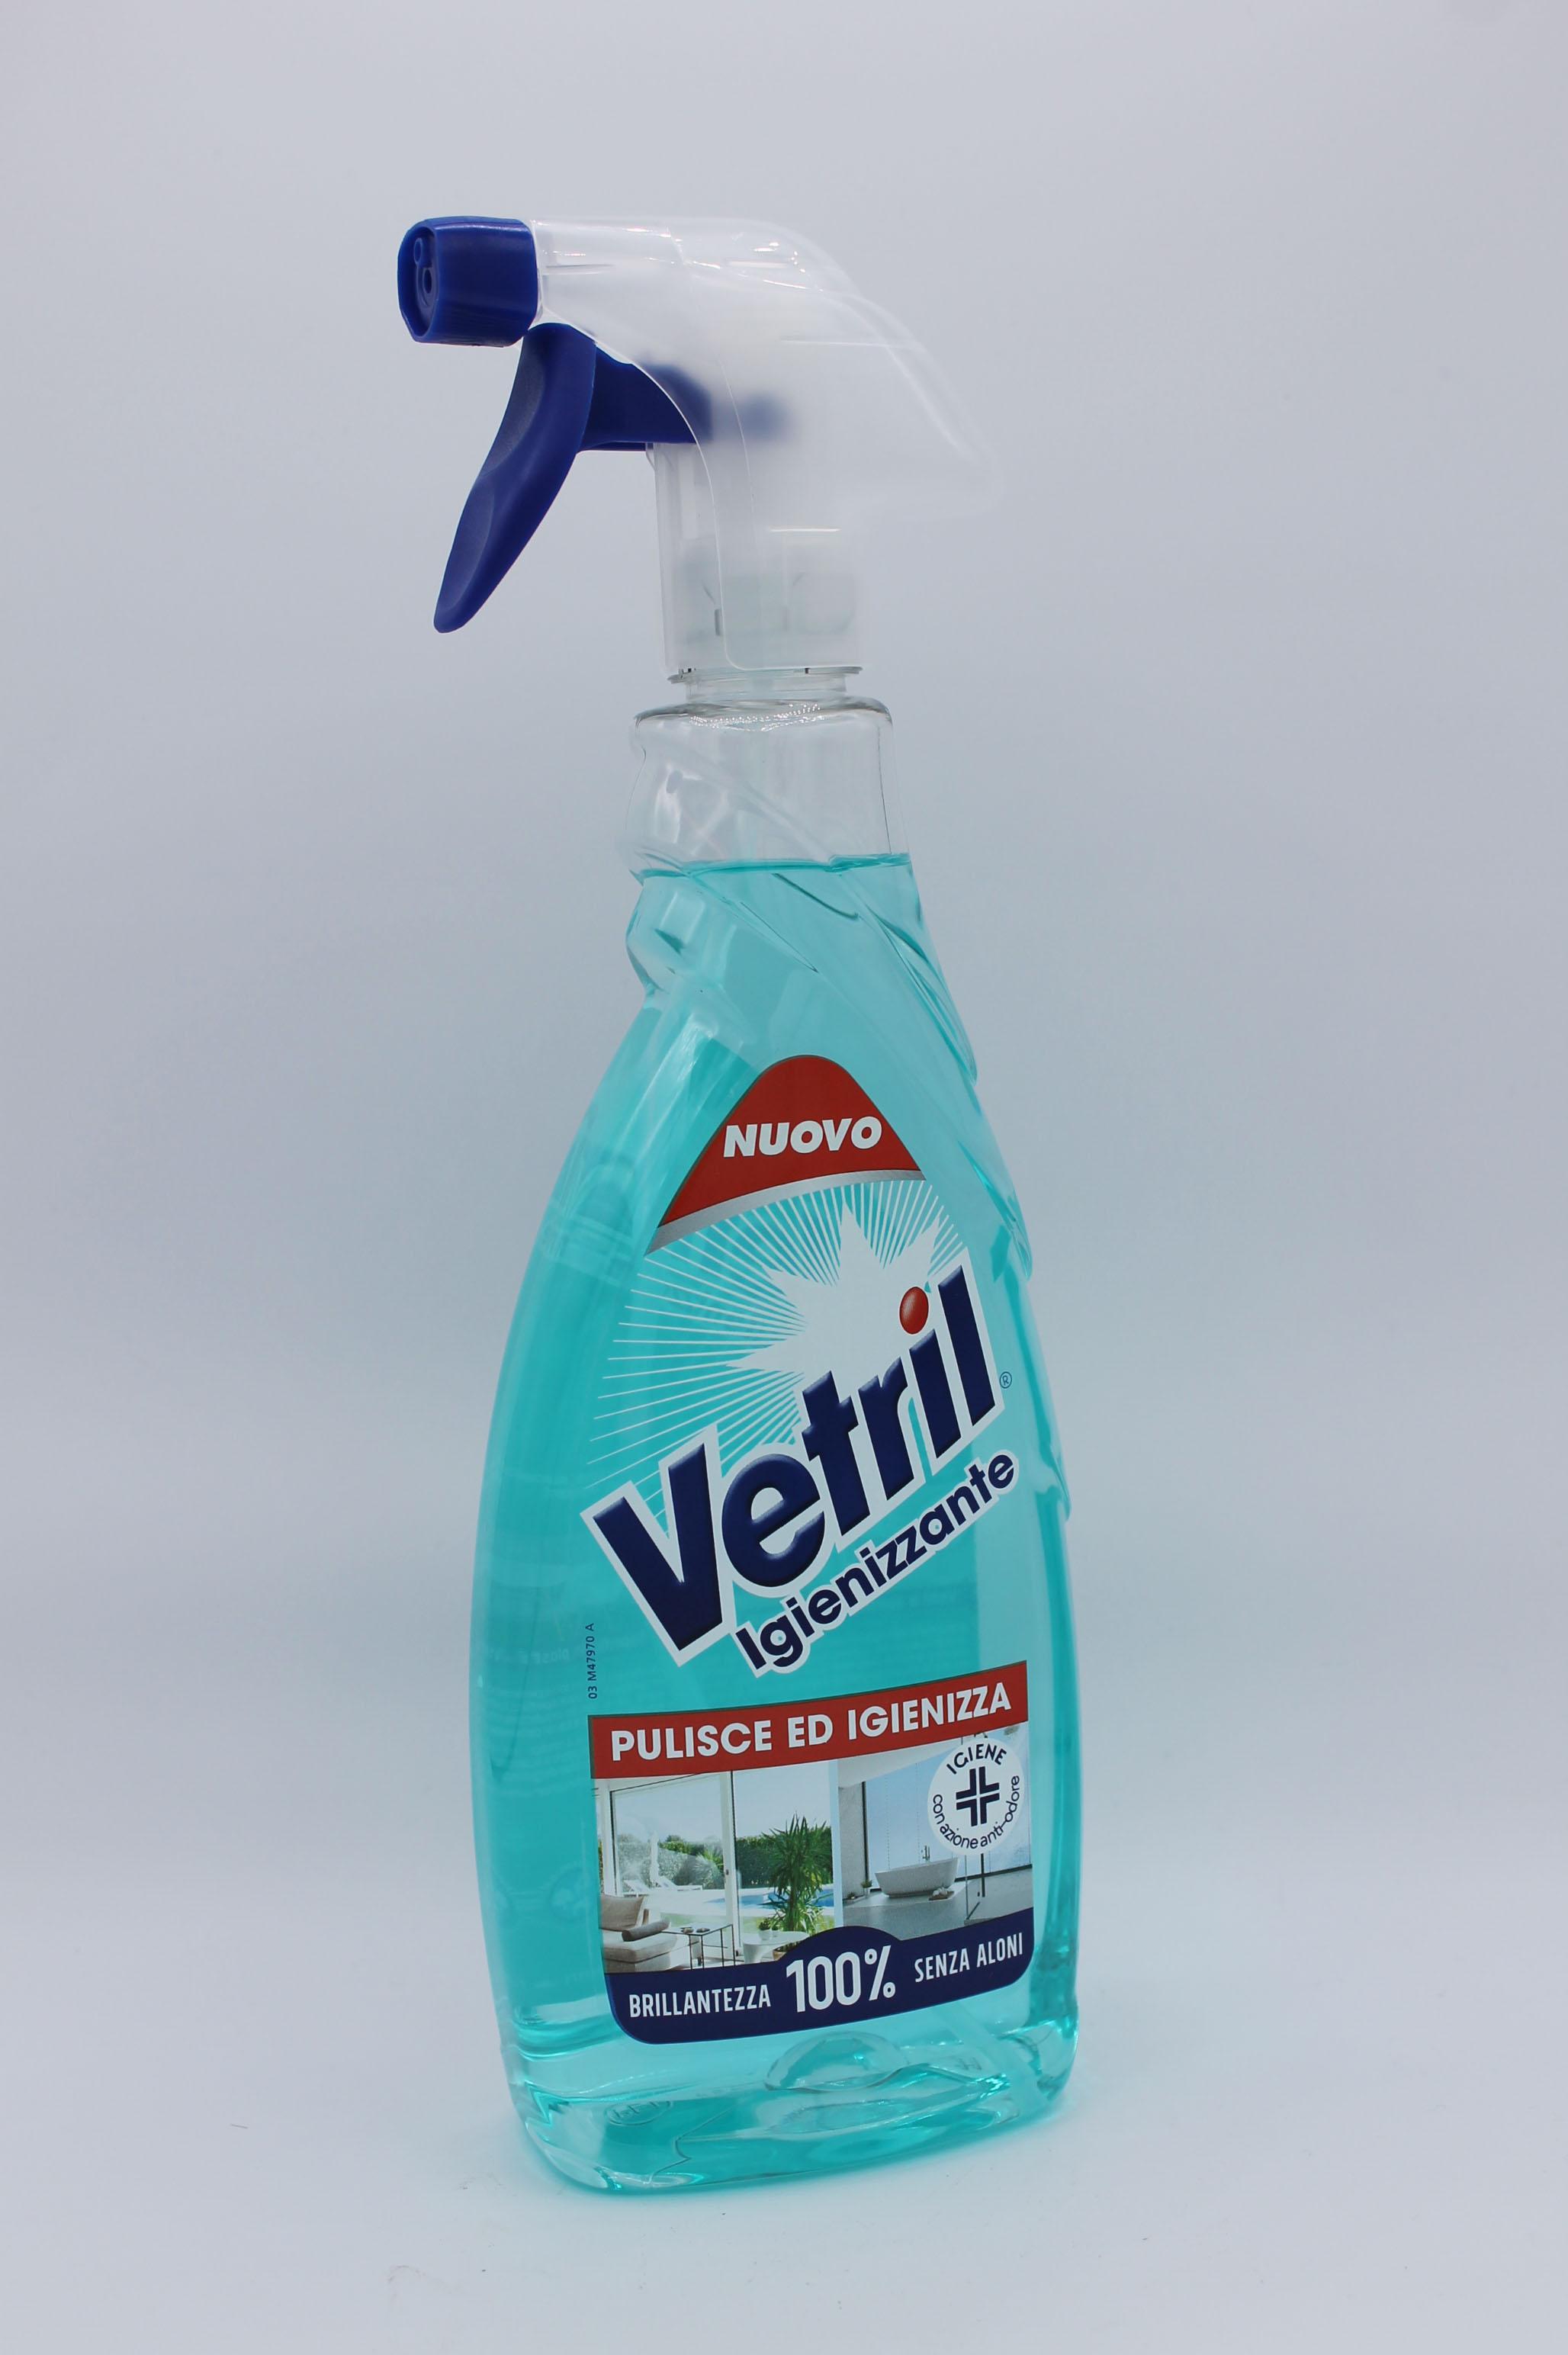 Vetril detergente multisuperficie spray 650ml vari tipi.